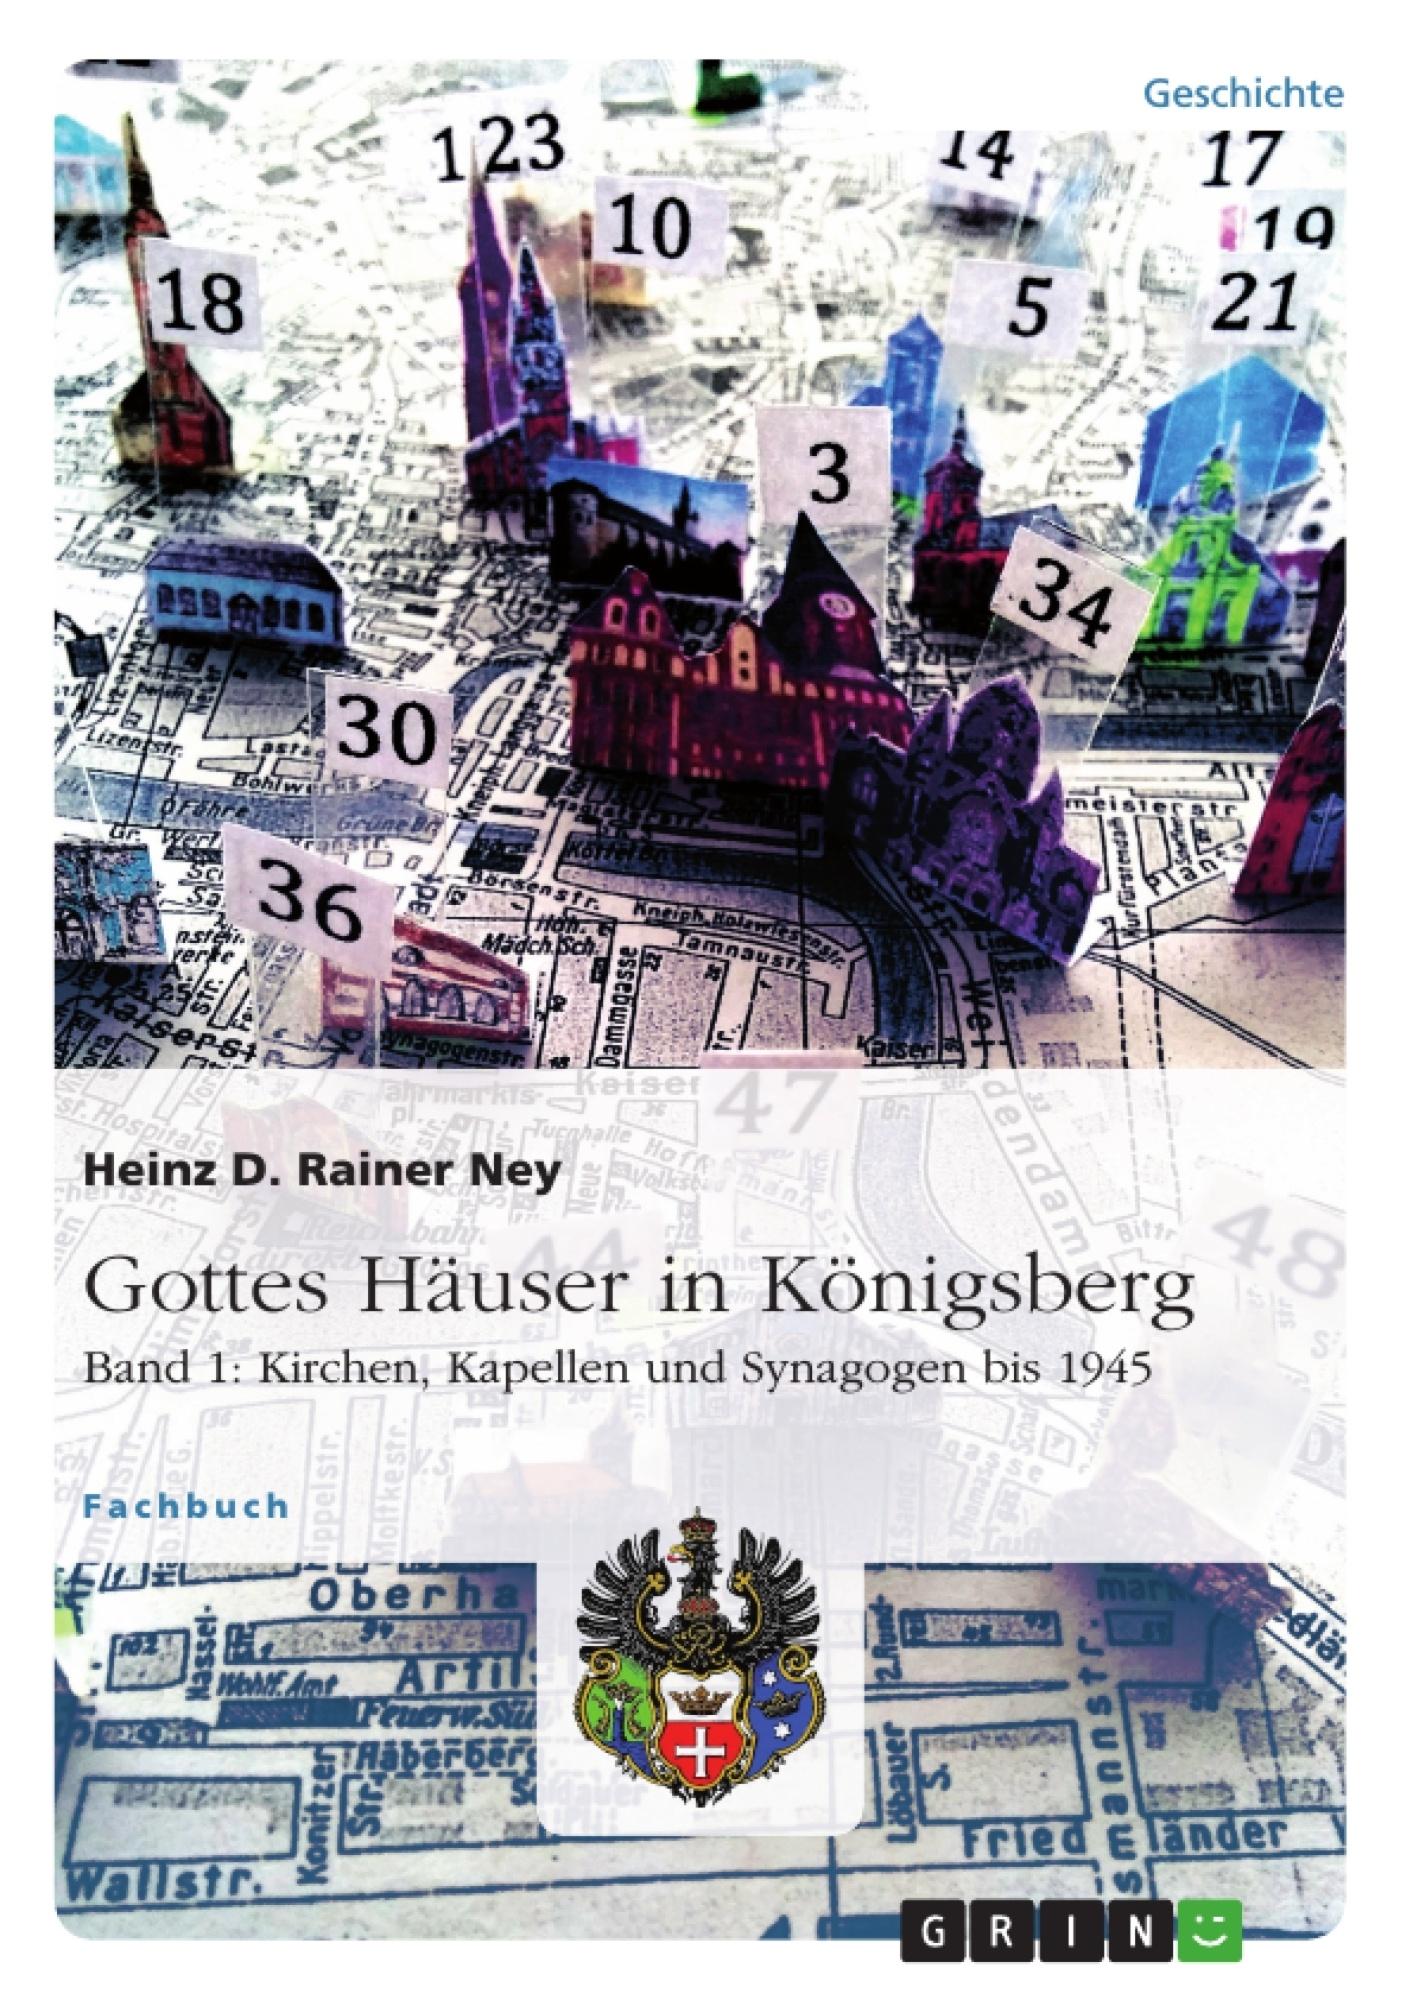 Titel: Gottes Häuser in Königsberg. Band 1: Kirchen, Kapellen und Synagogen bis 1945